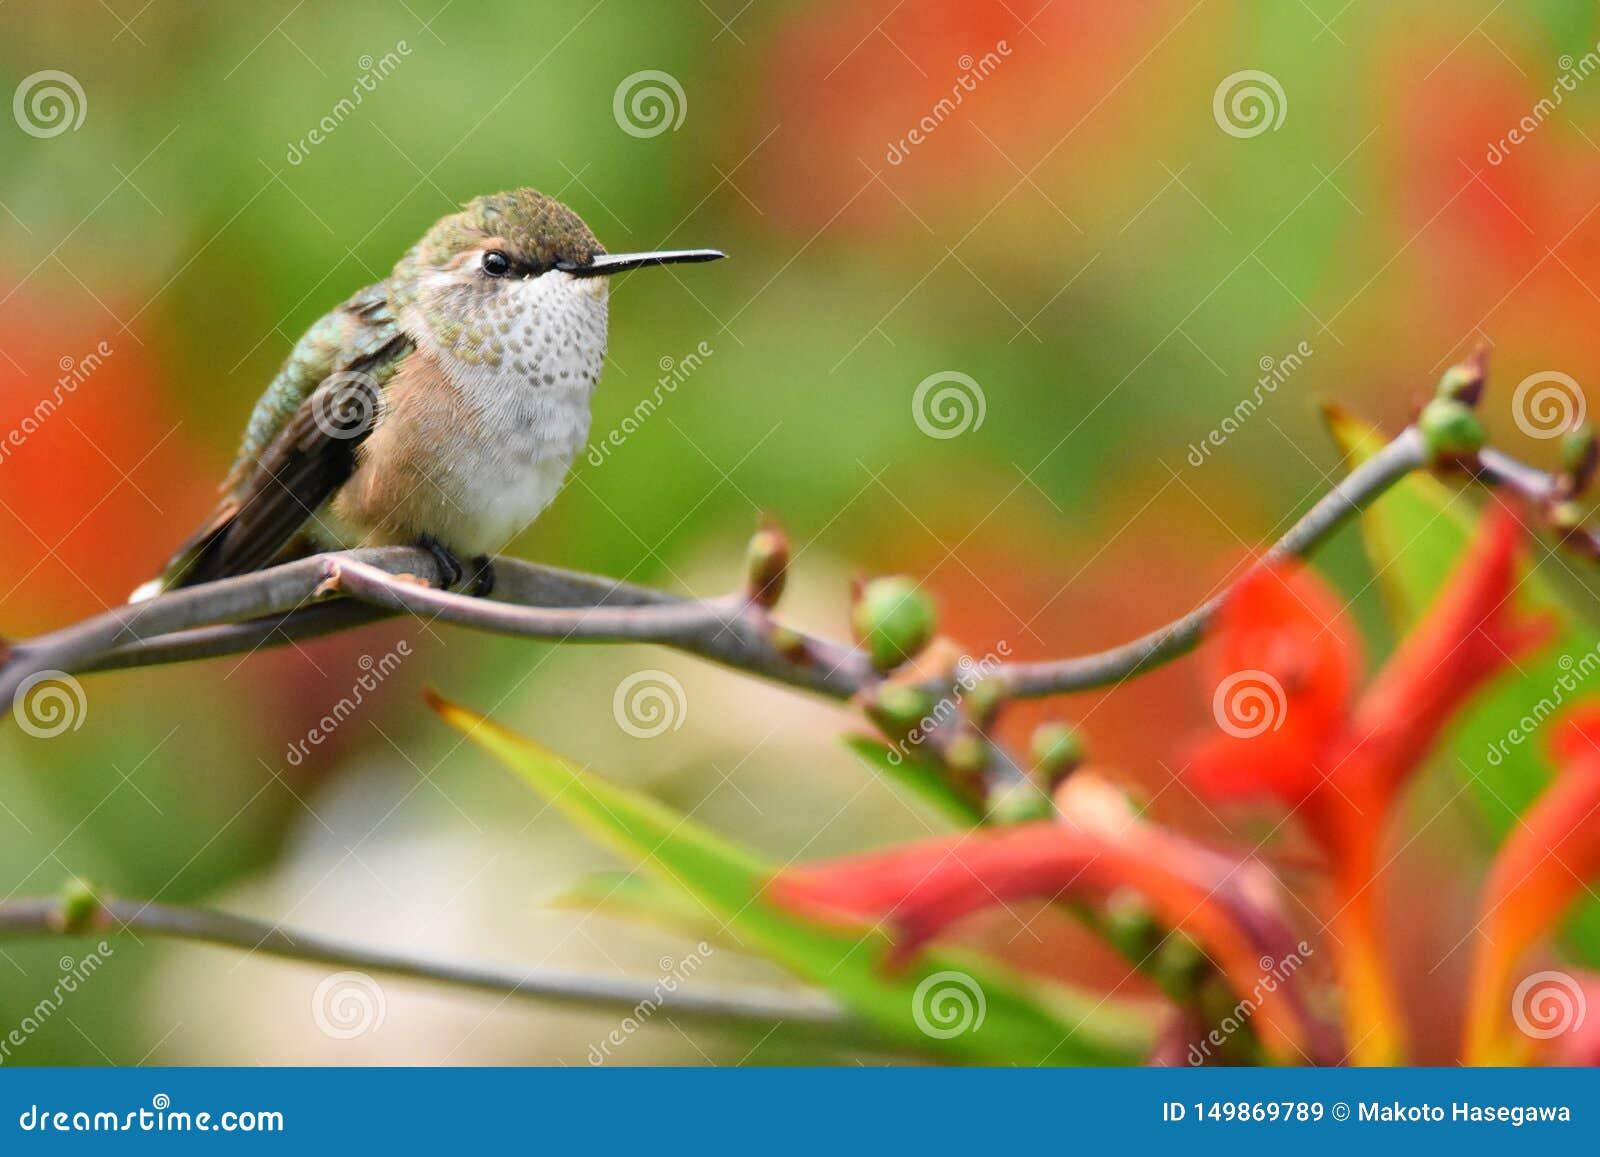 Nahaufnahme eines weiblichen Rufous Kolibris gehockt auf einer Niederlassung mit Kopienraum